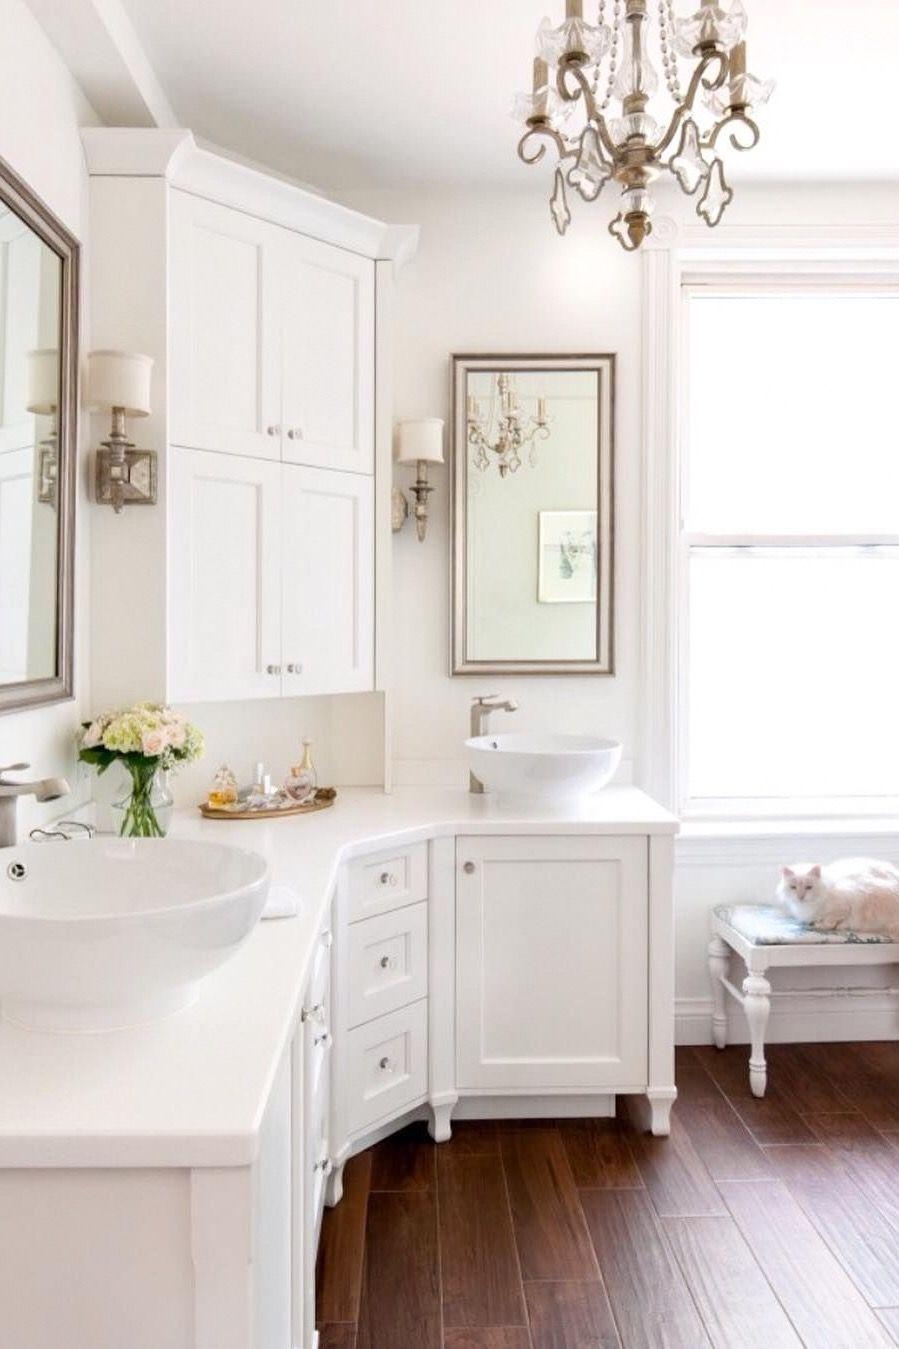 16 Beige And Cream Bathroom Design Ideas | Cream Bathrooms Designs, Cream  Bathroom And Bathroom Designs